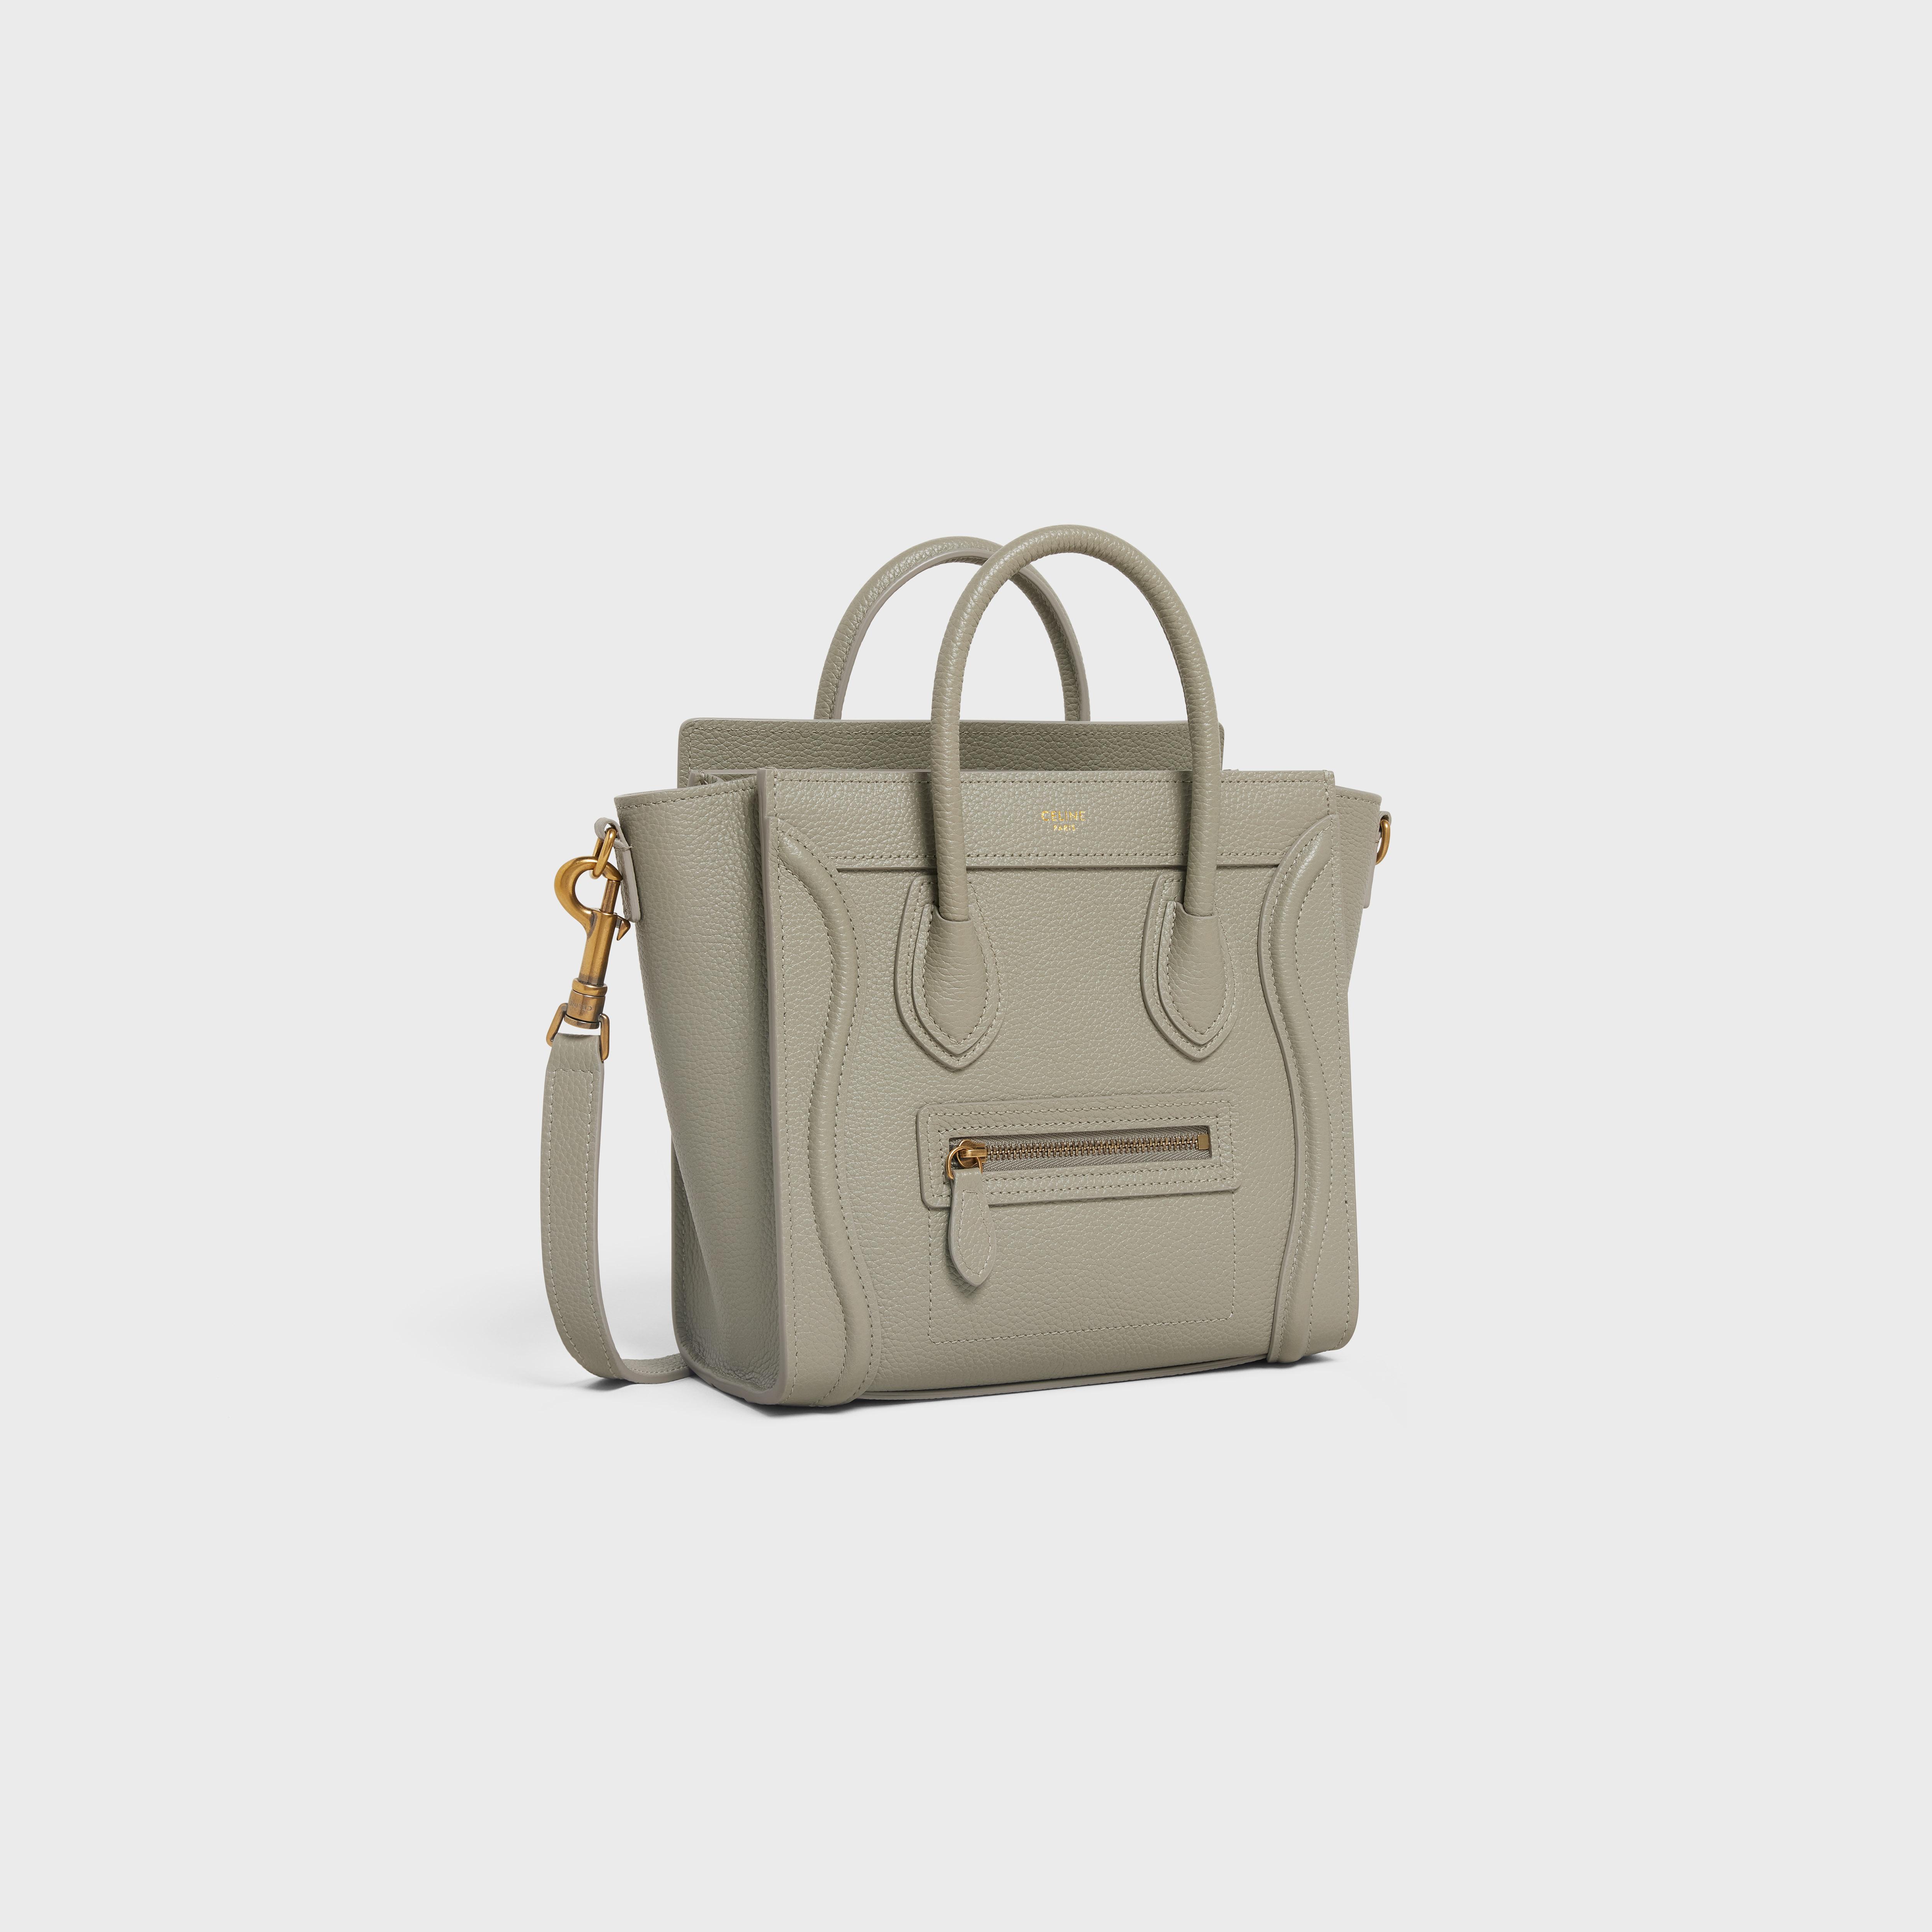 30代の女性にオススメのセリーヌのレディースバッグ